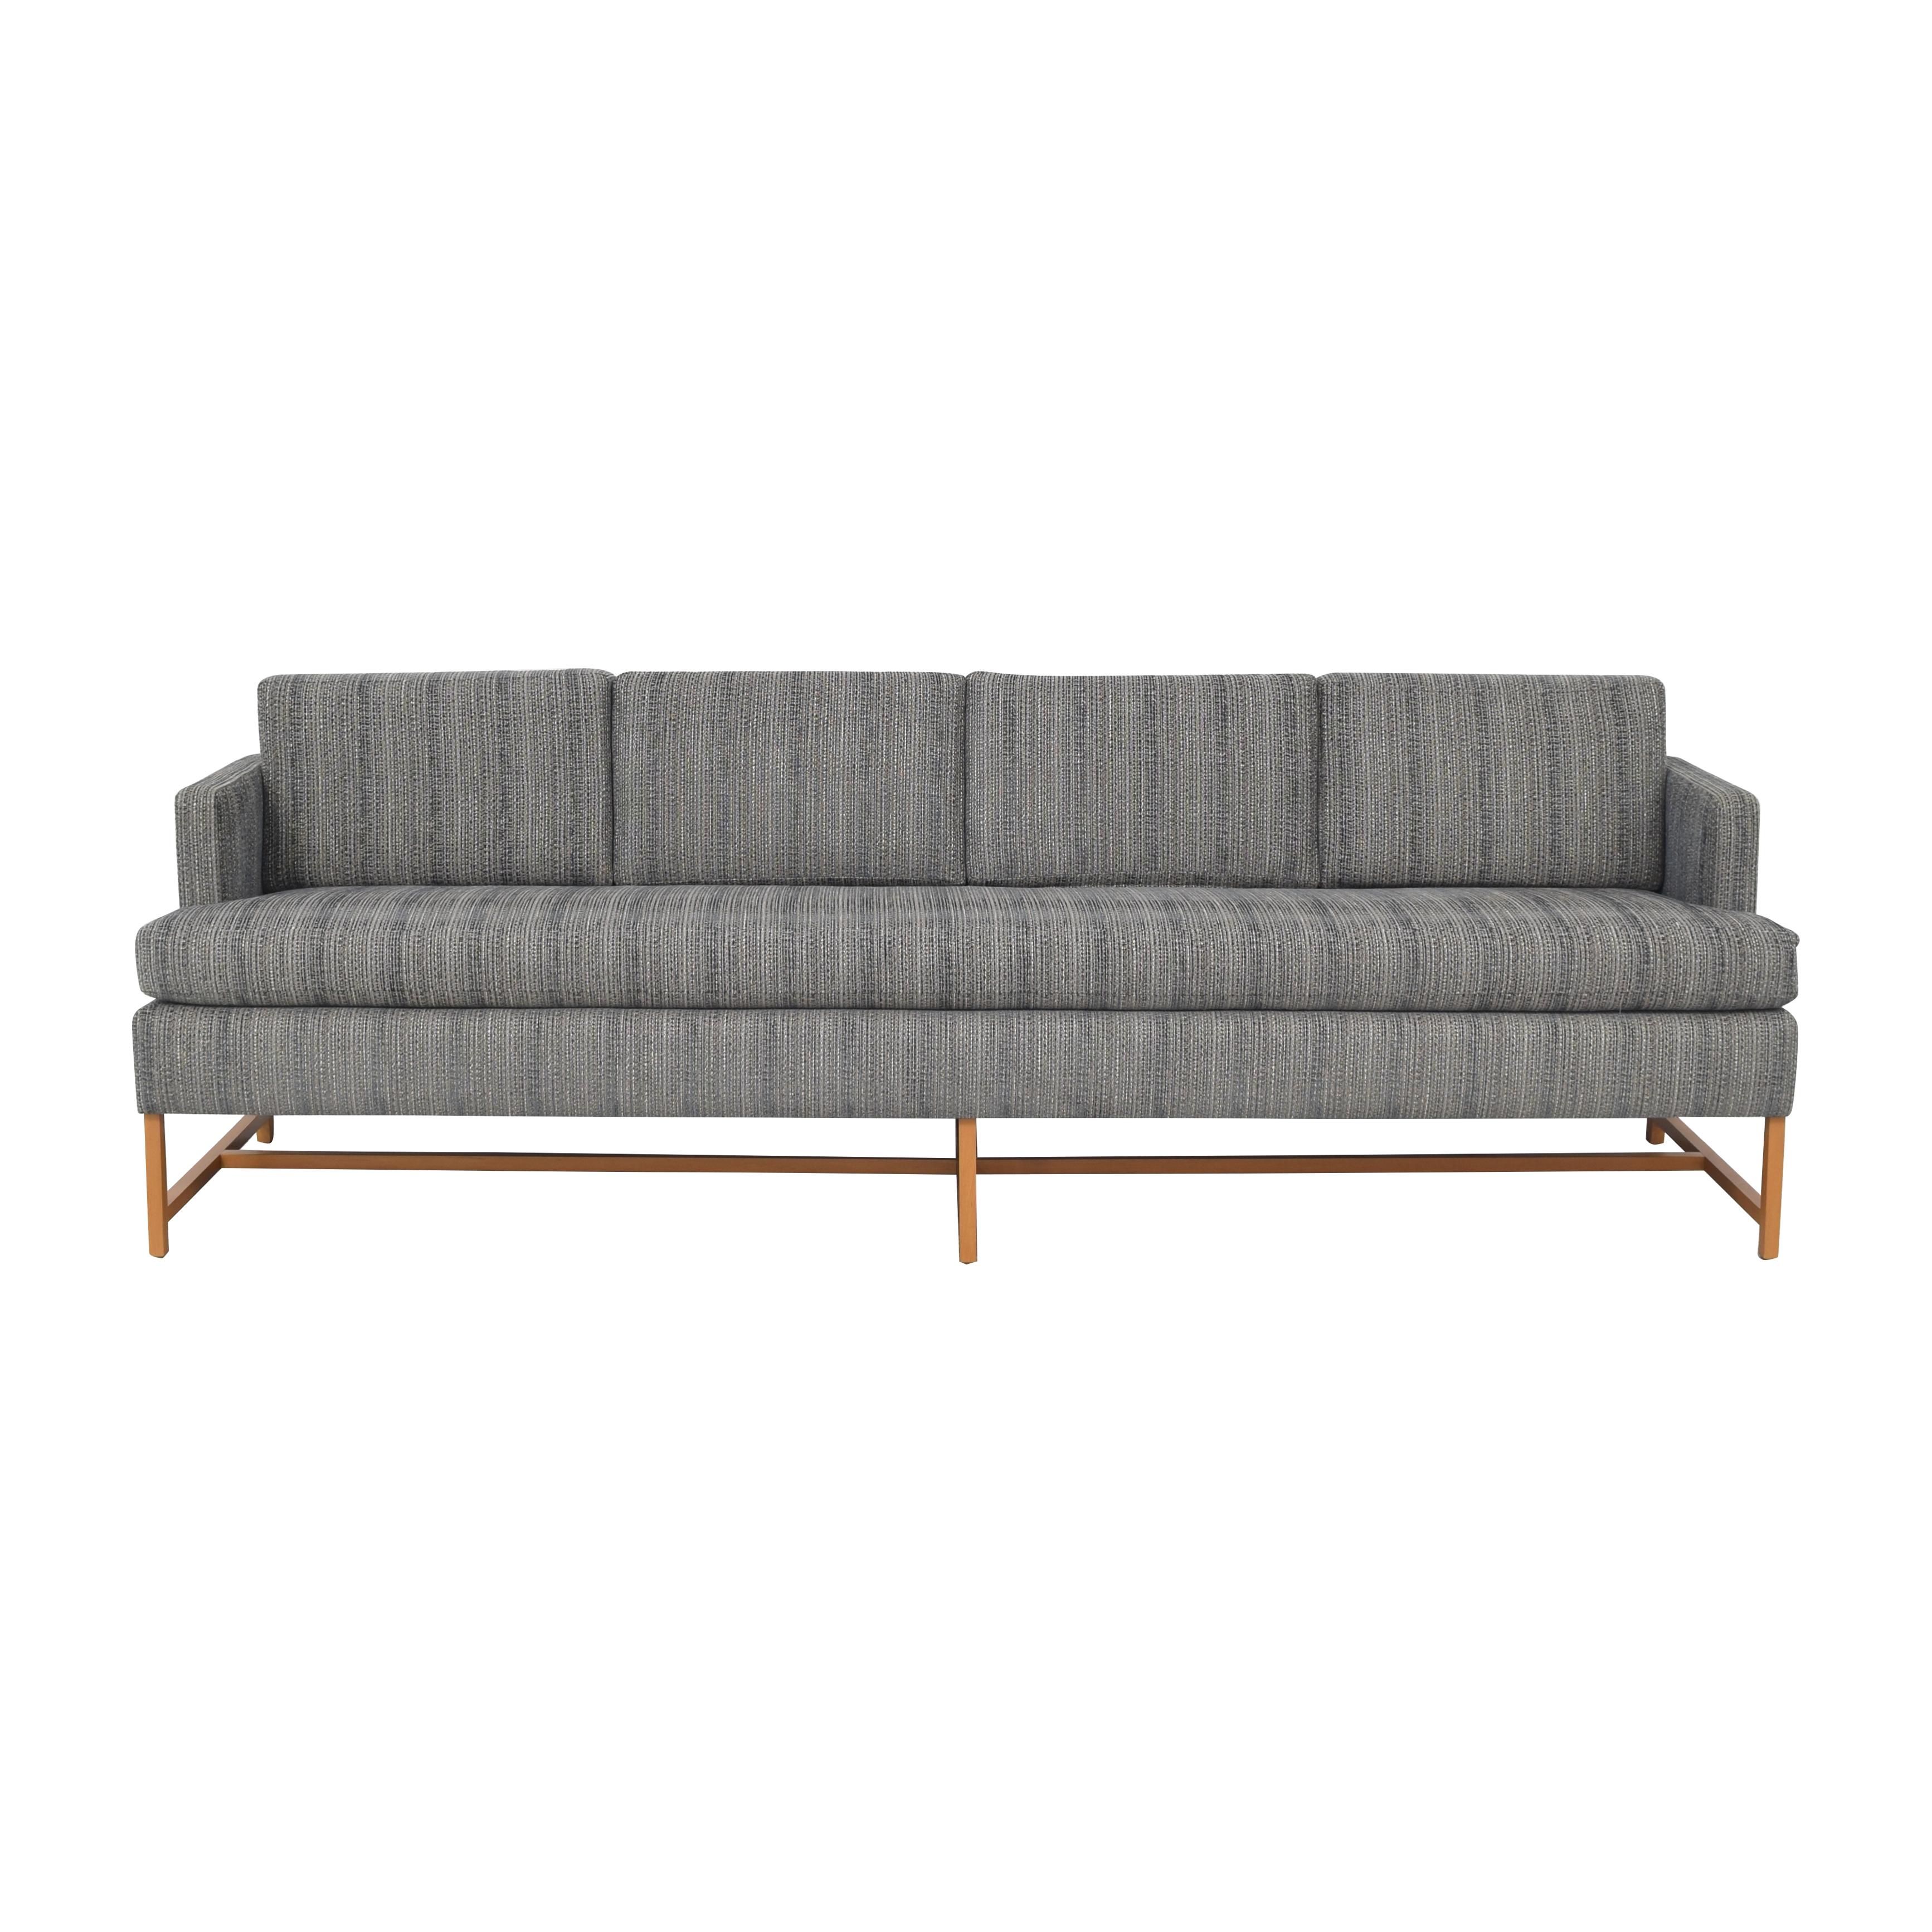 Wide Single Cushion Sofa nj